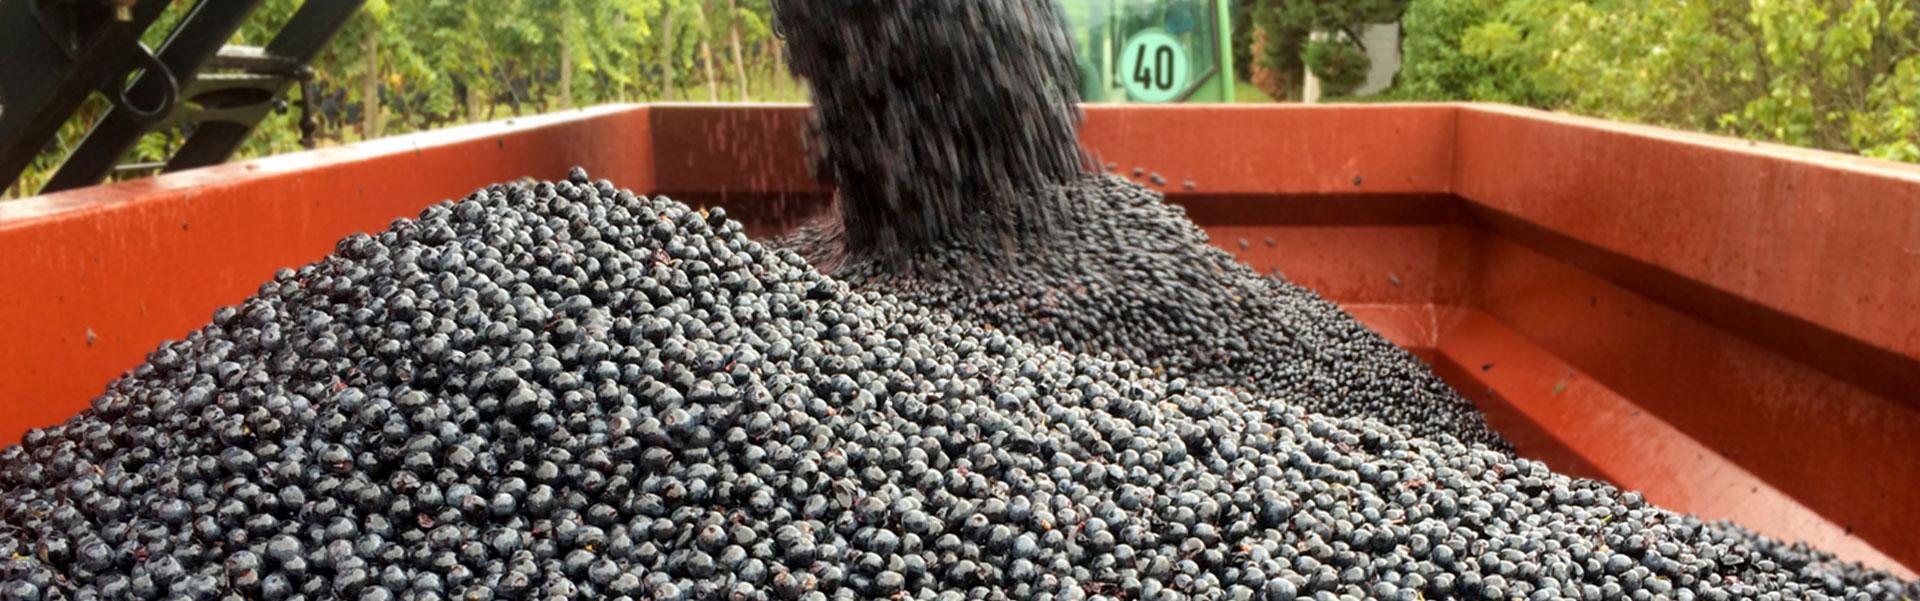 grapes'line80